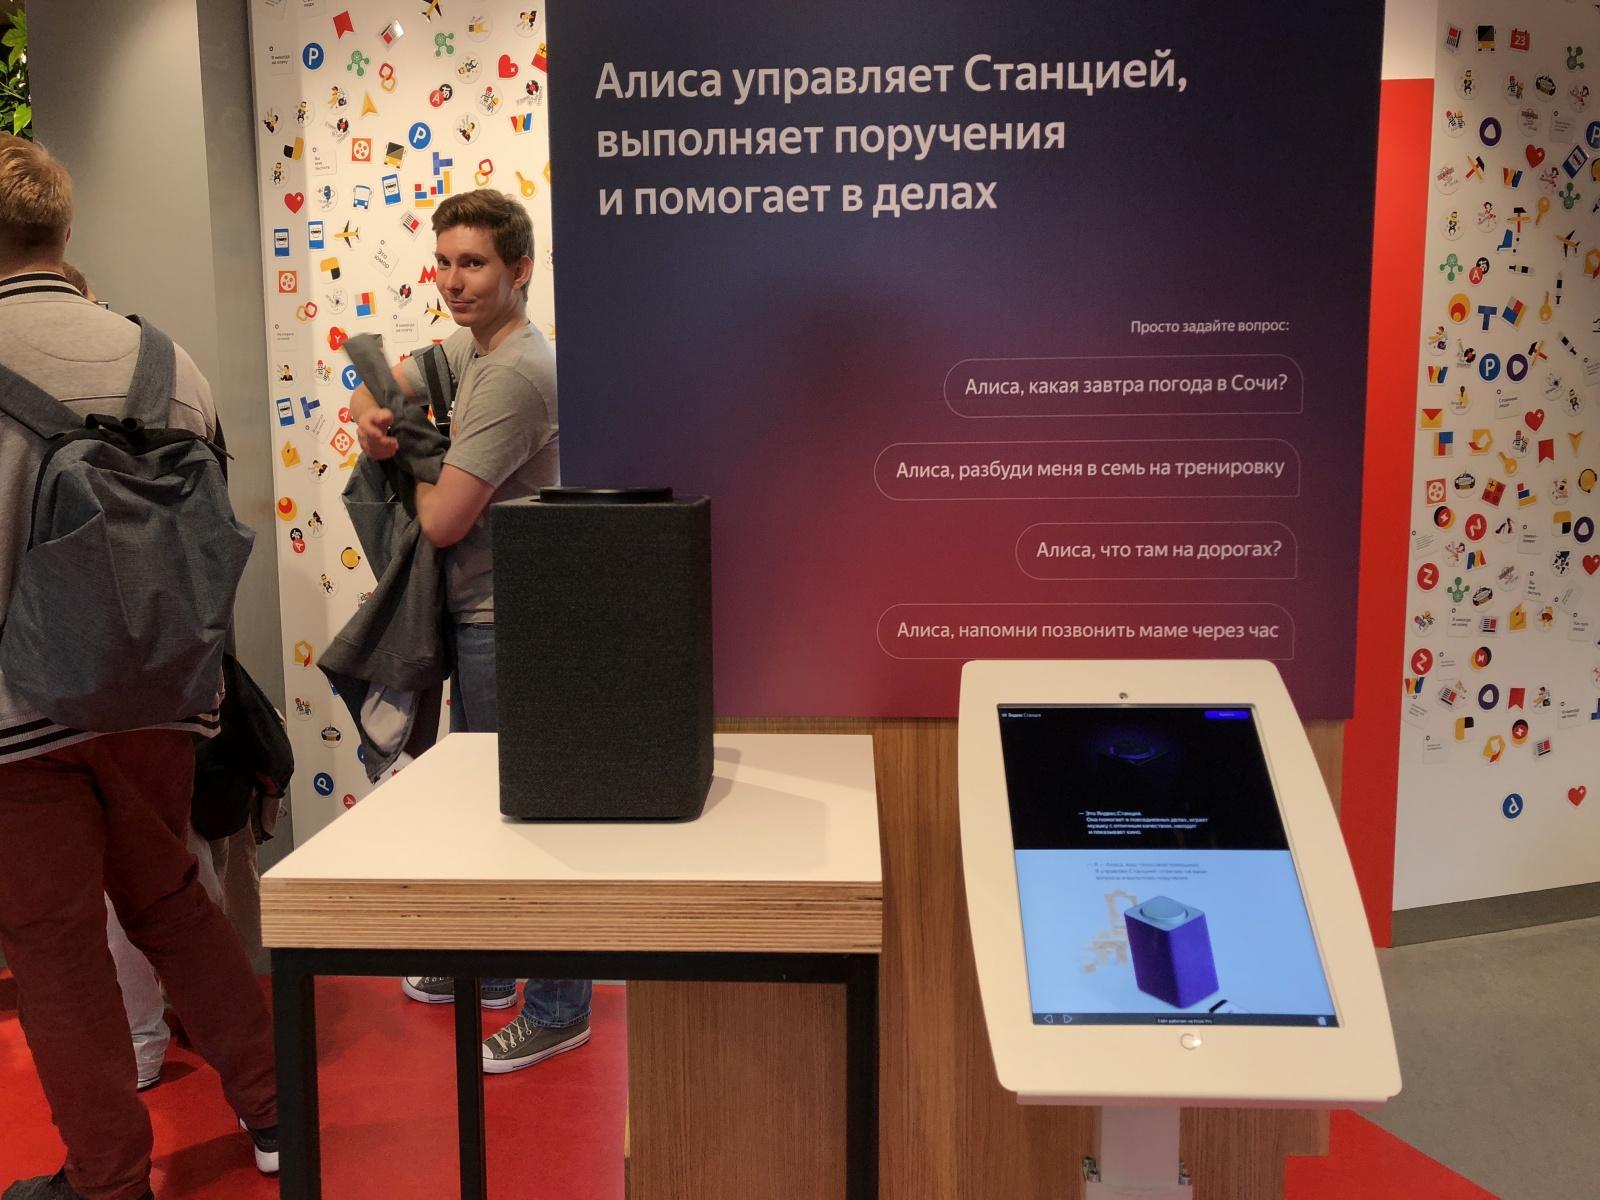 Яндекс.Станция: оффлайн-магазин, очередь на 300 человек и начало продаж - 2